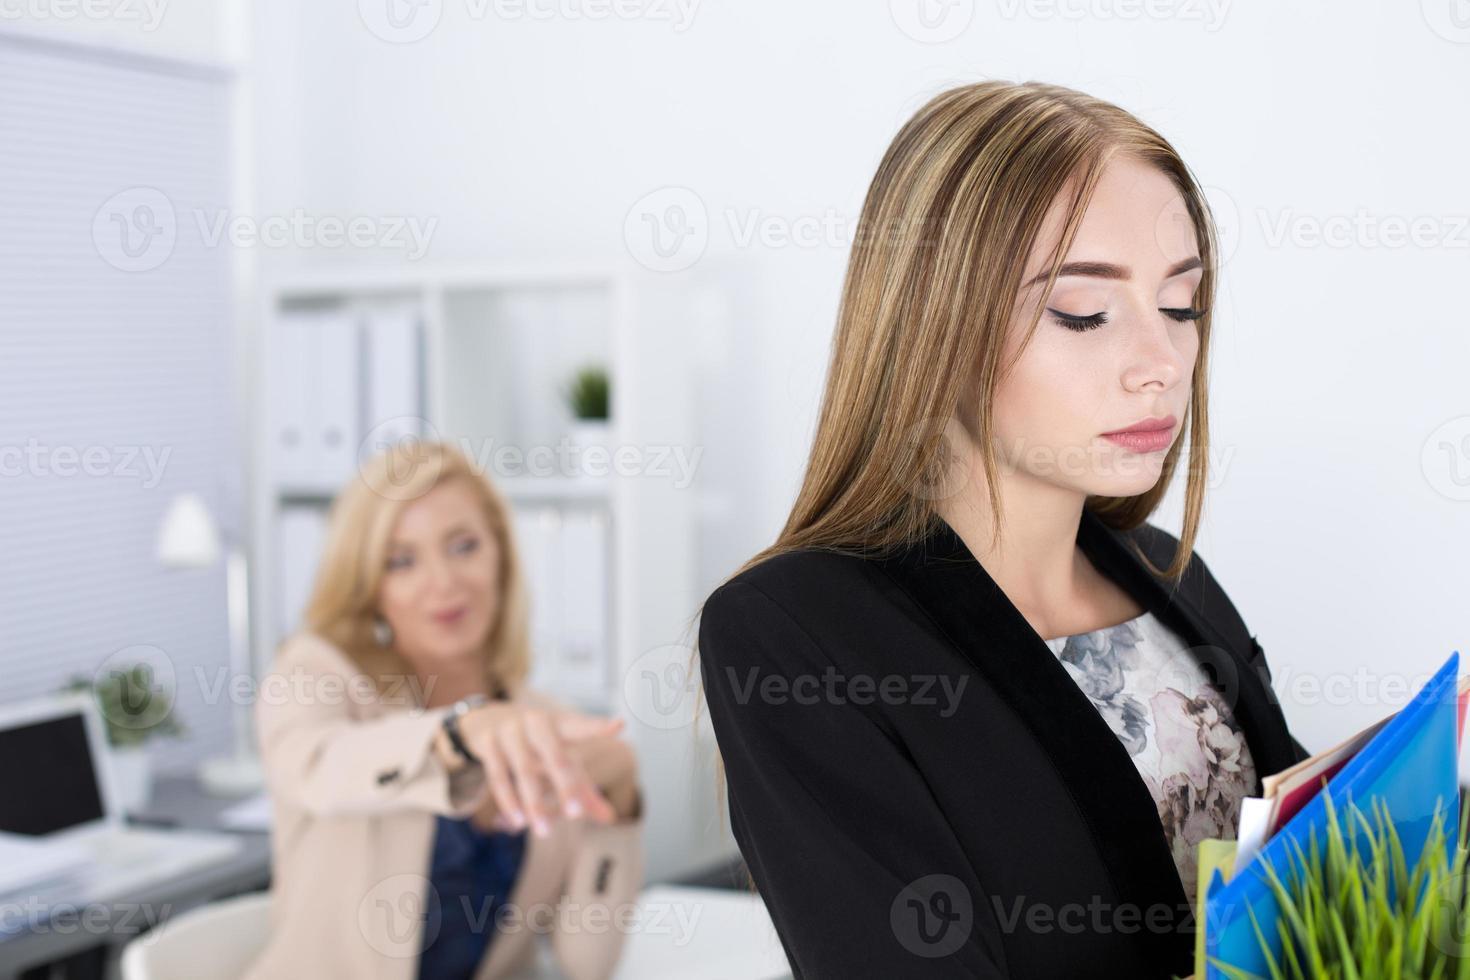 capo che licenzia un dipendente foto